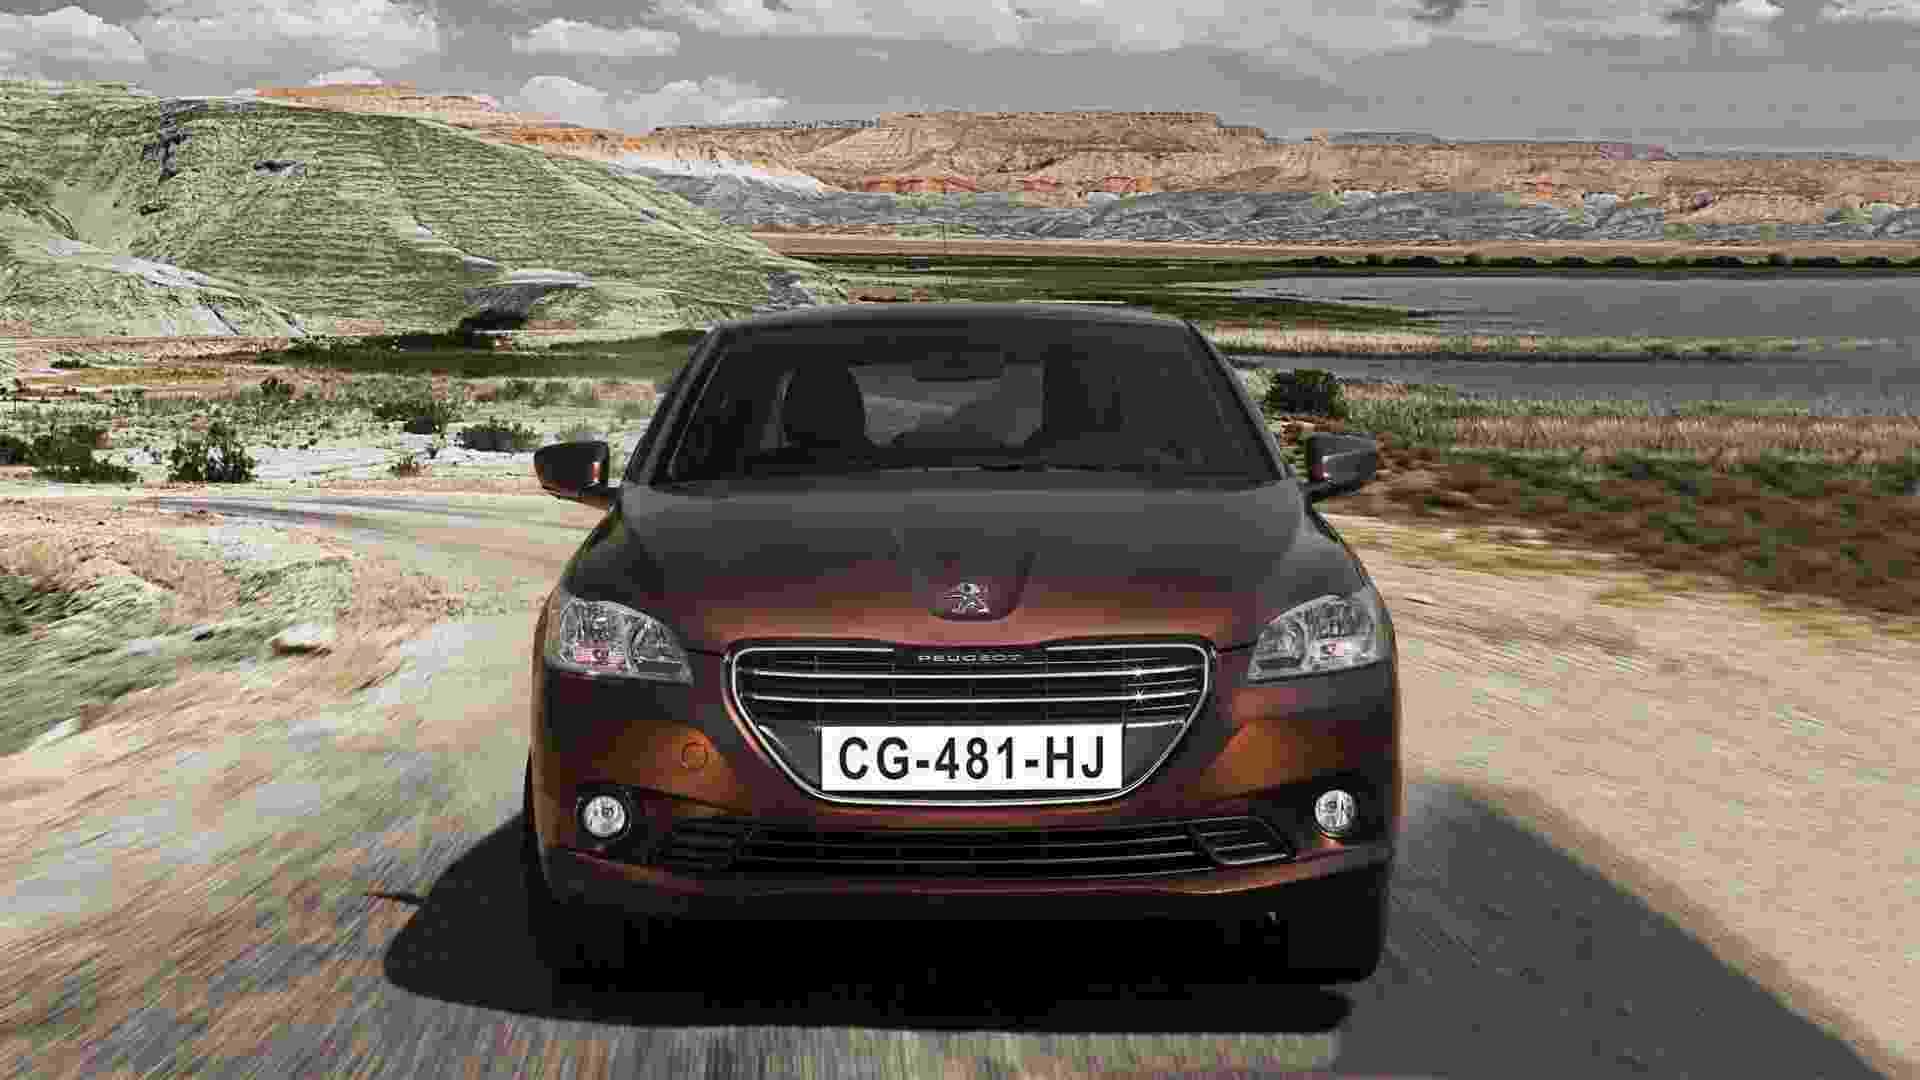 A Peugeot divulgou mais detalhes do compacto 301, que começa a ser vendido na Europa após o Salão de Paris e deve vir ao Brasil - Divulgação